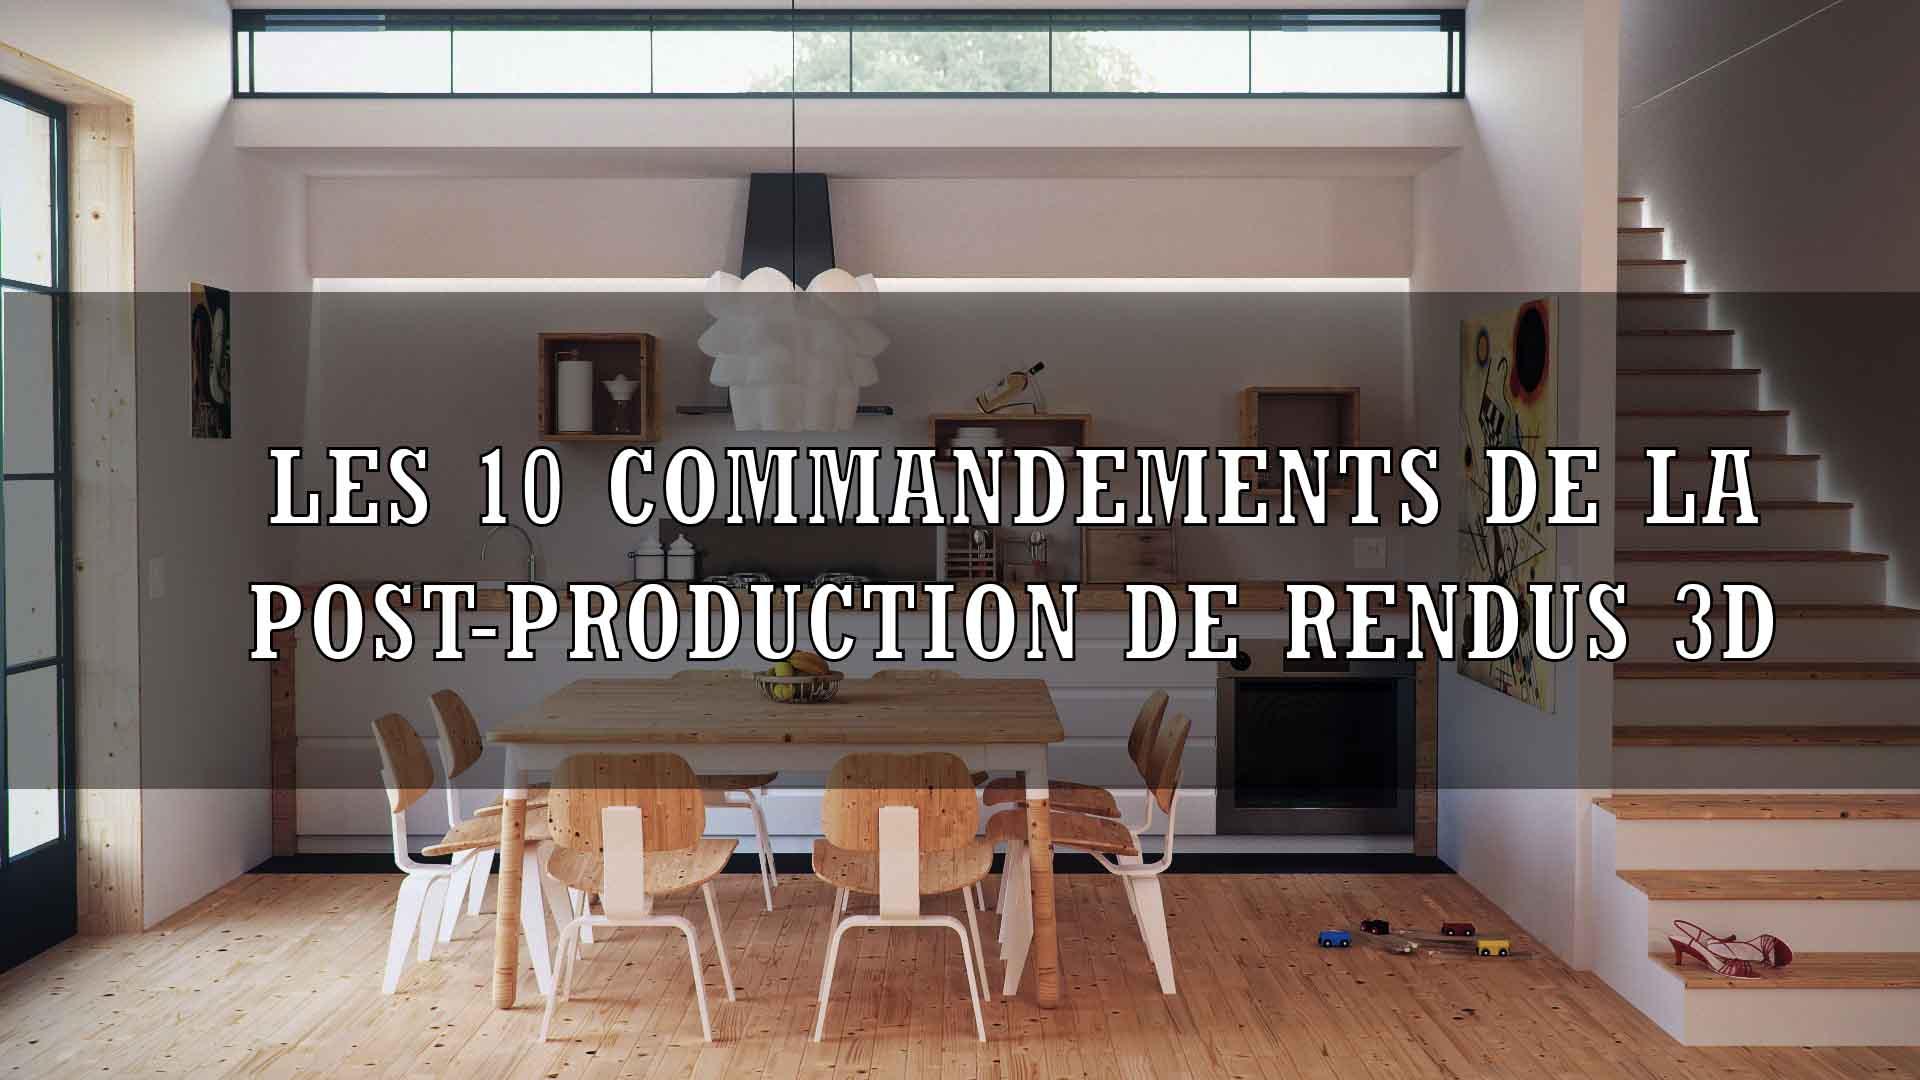 Les 10 Commandements de la Post-Production de Rendus 3D